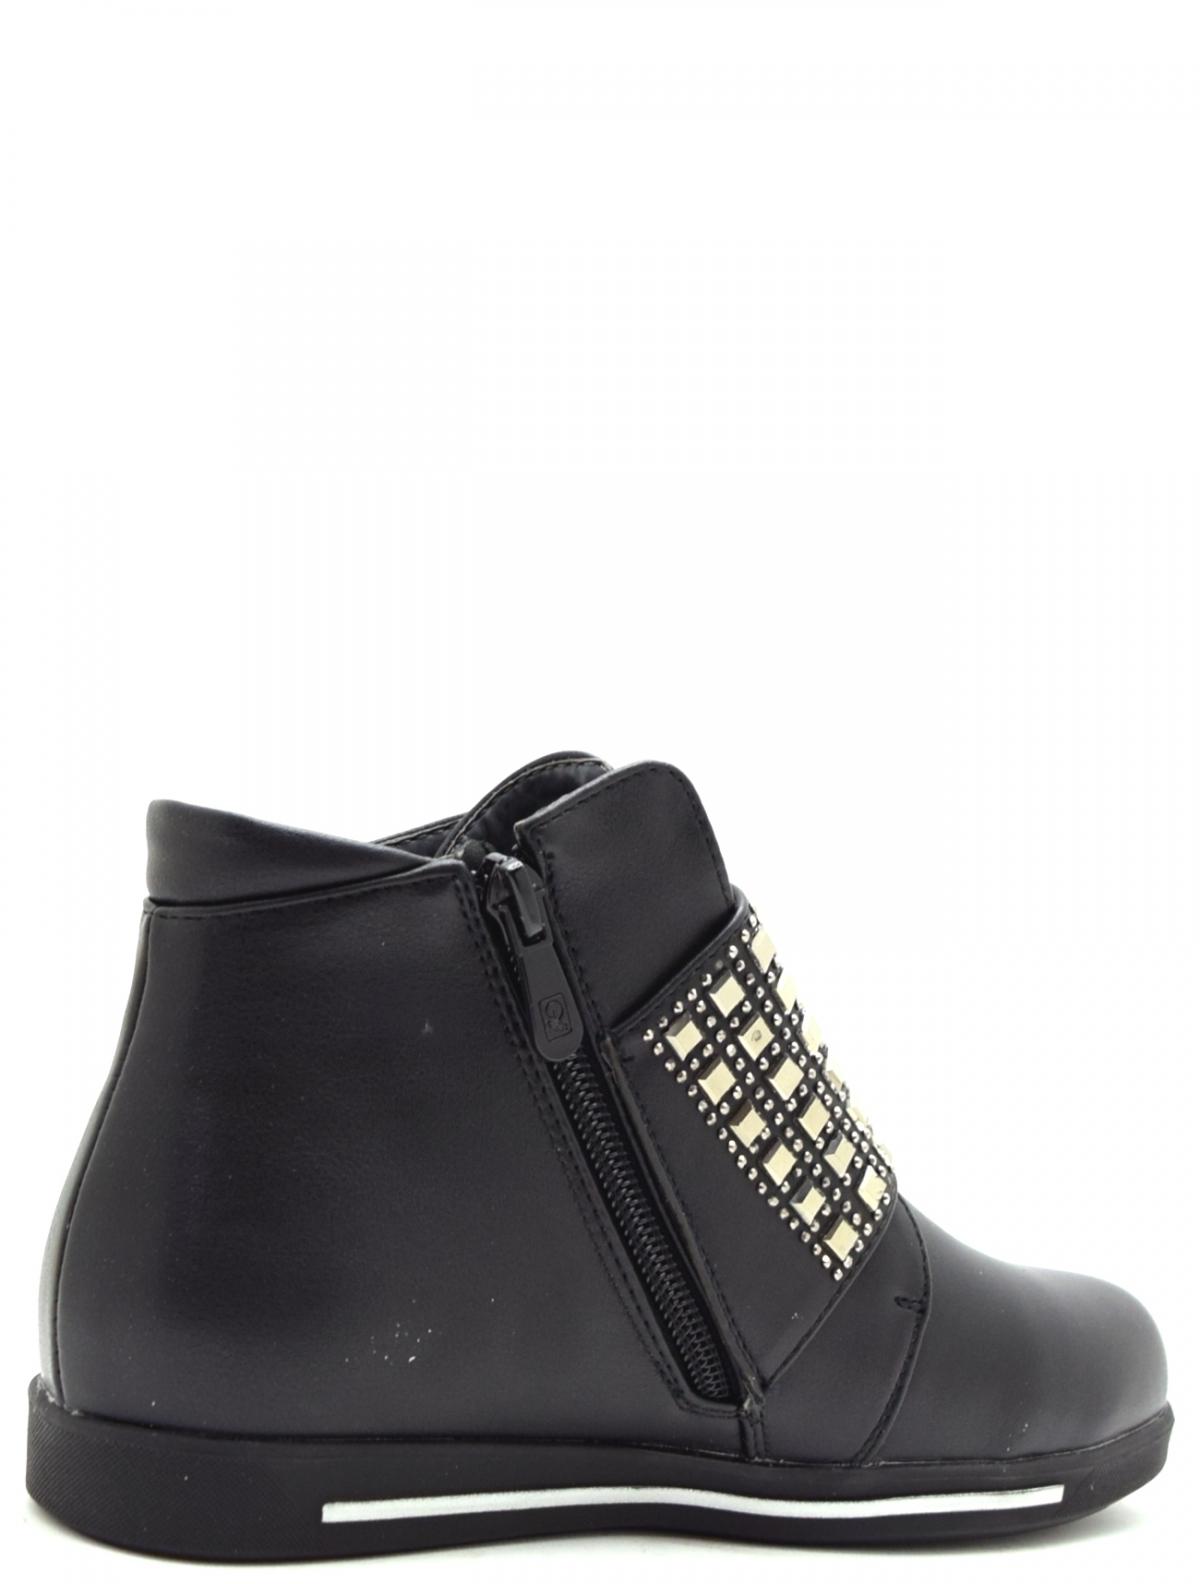 143103 ботинки для девочки